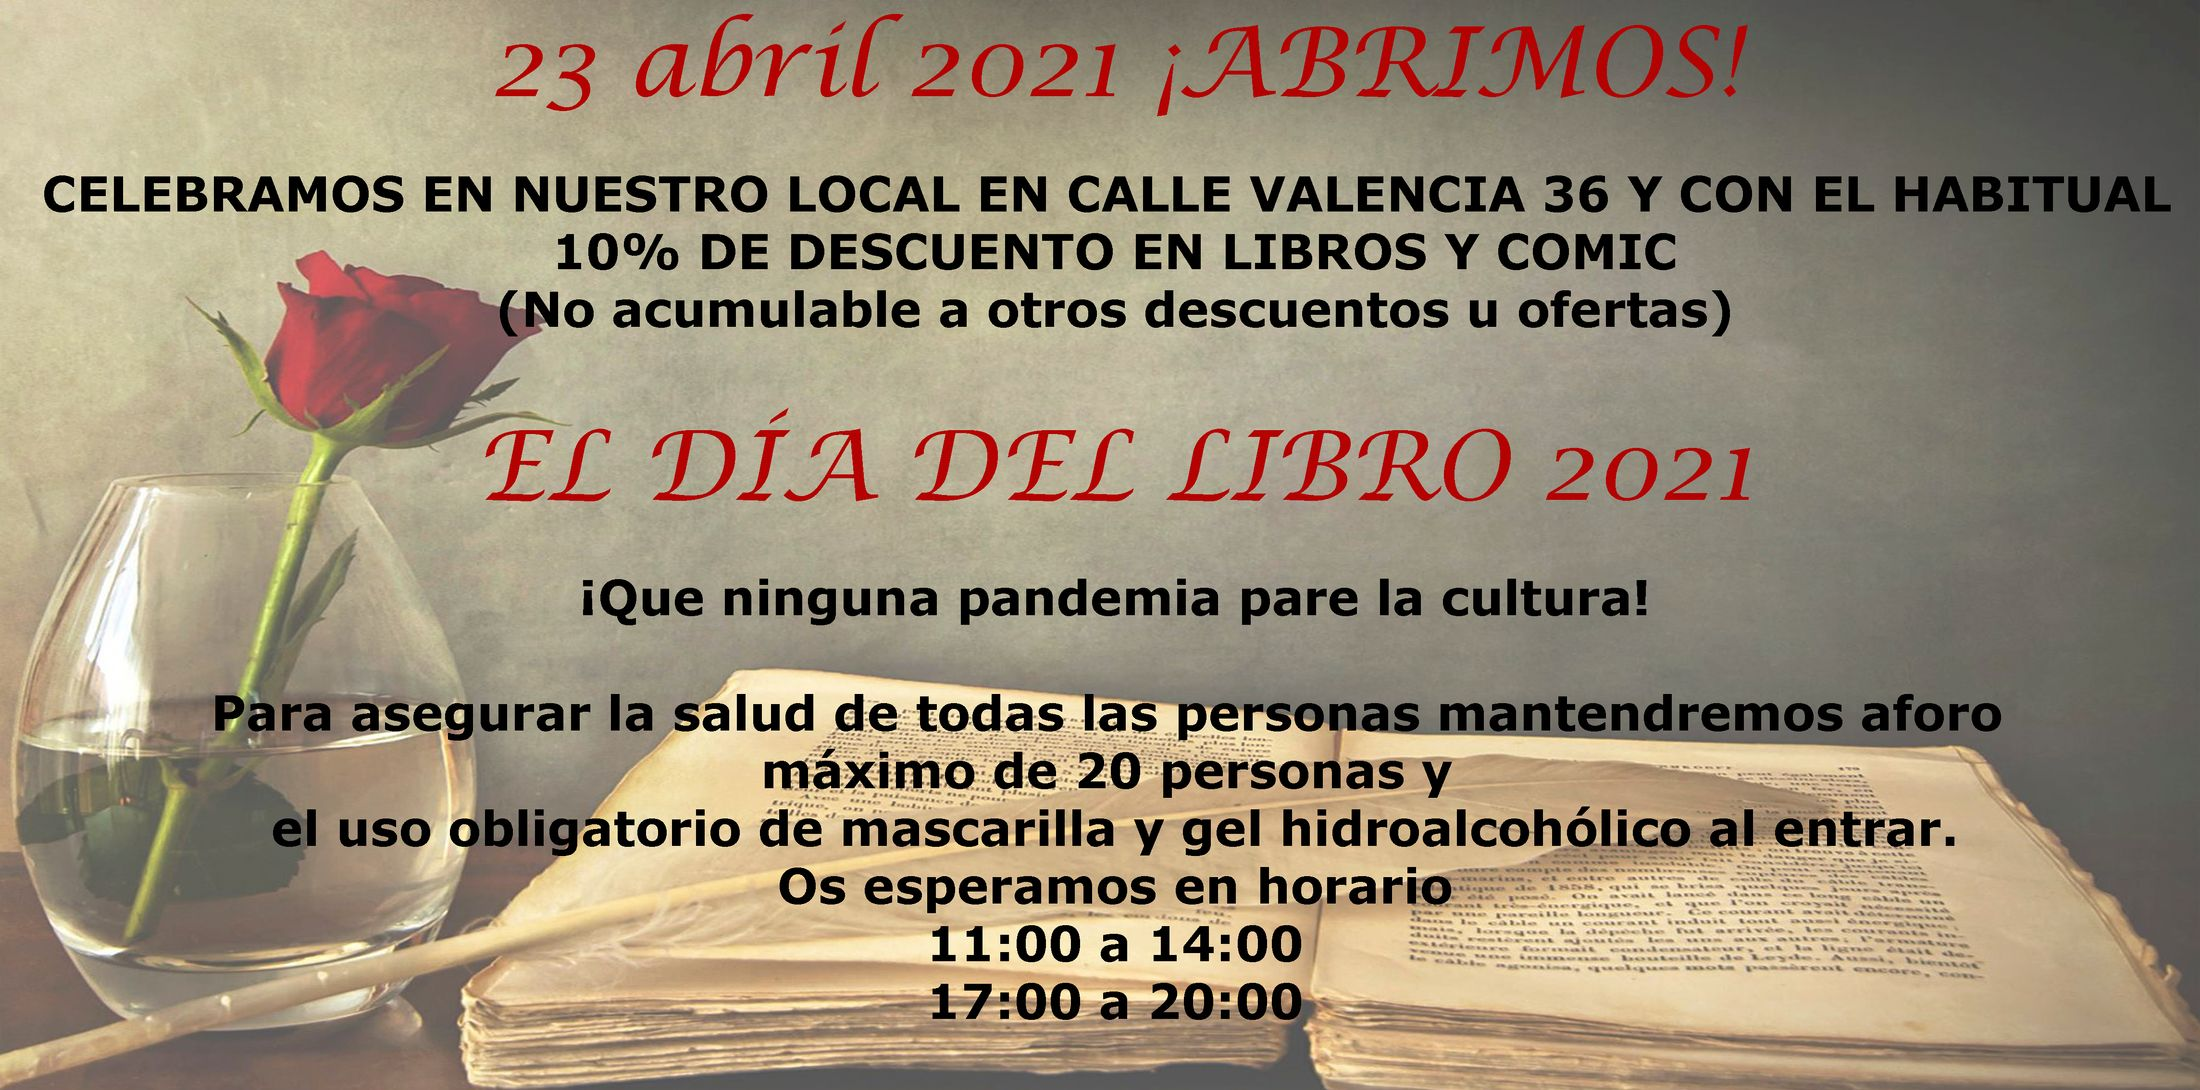 Día del libro 23 abril 2021 ¡ABRIMOS!